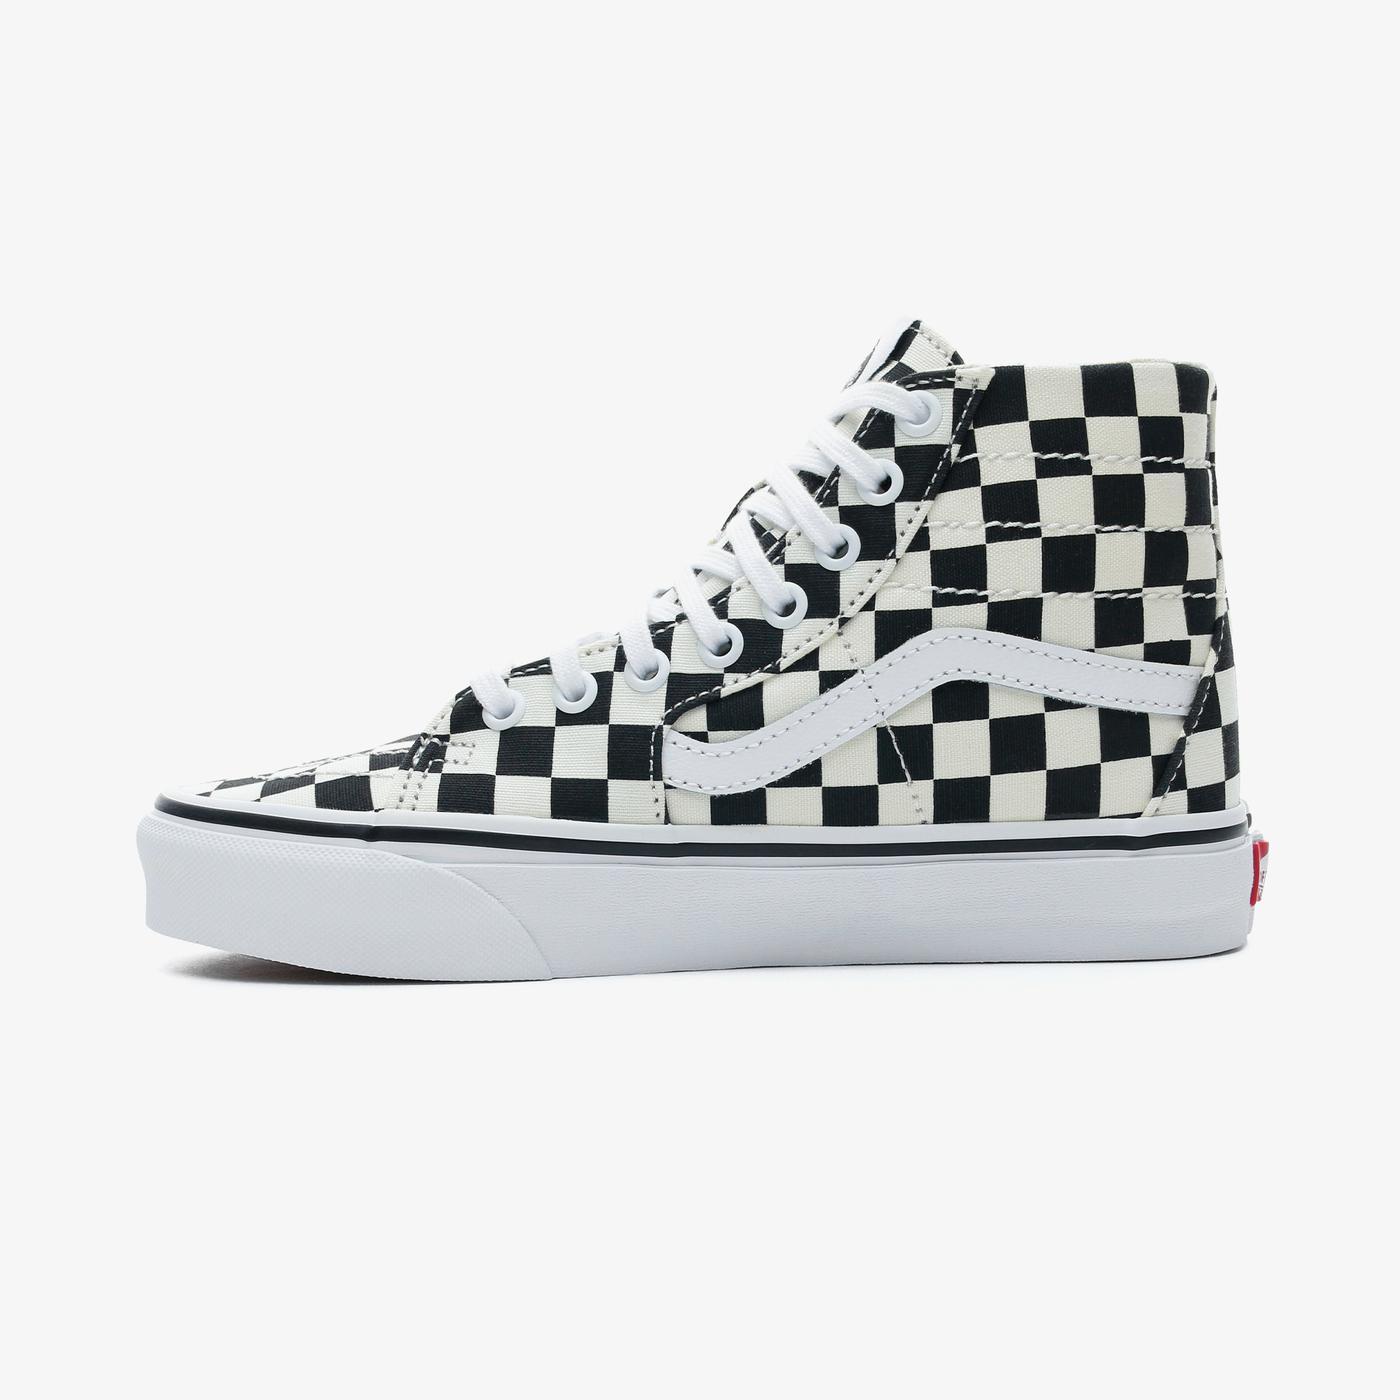 Vans Sk8-Hi Tapered Kadın Bej-Siyah Sneaker